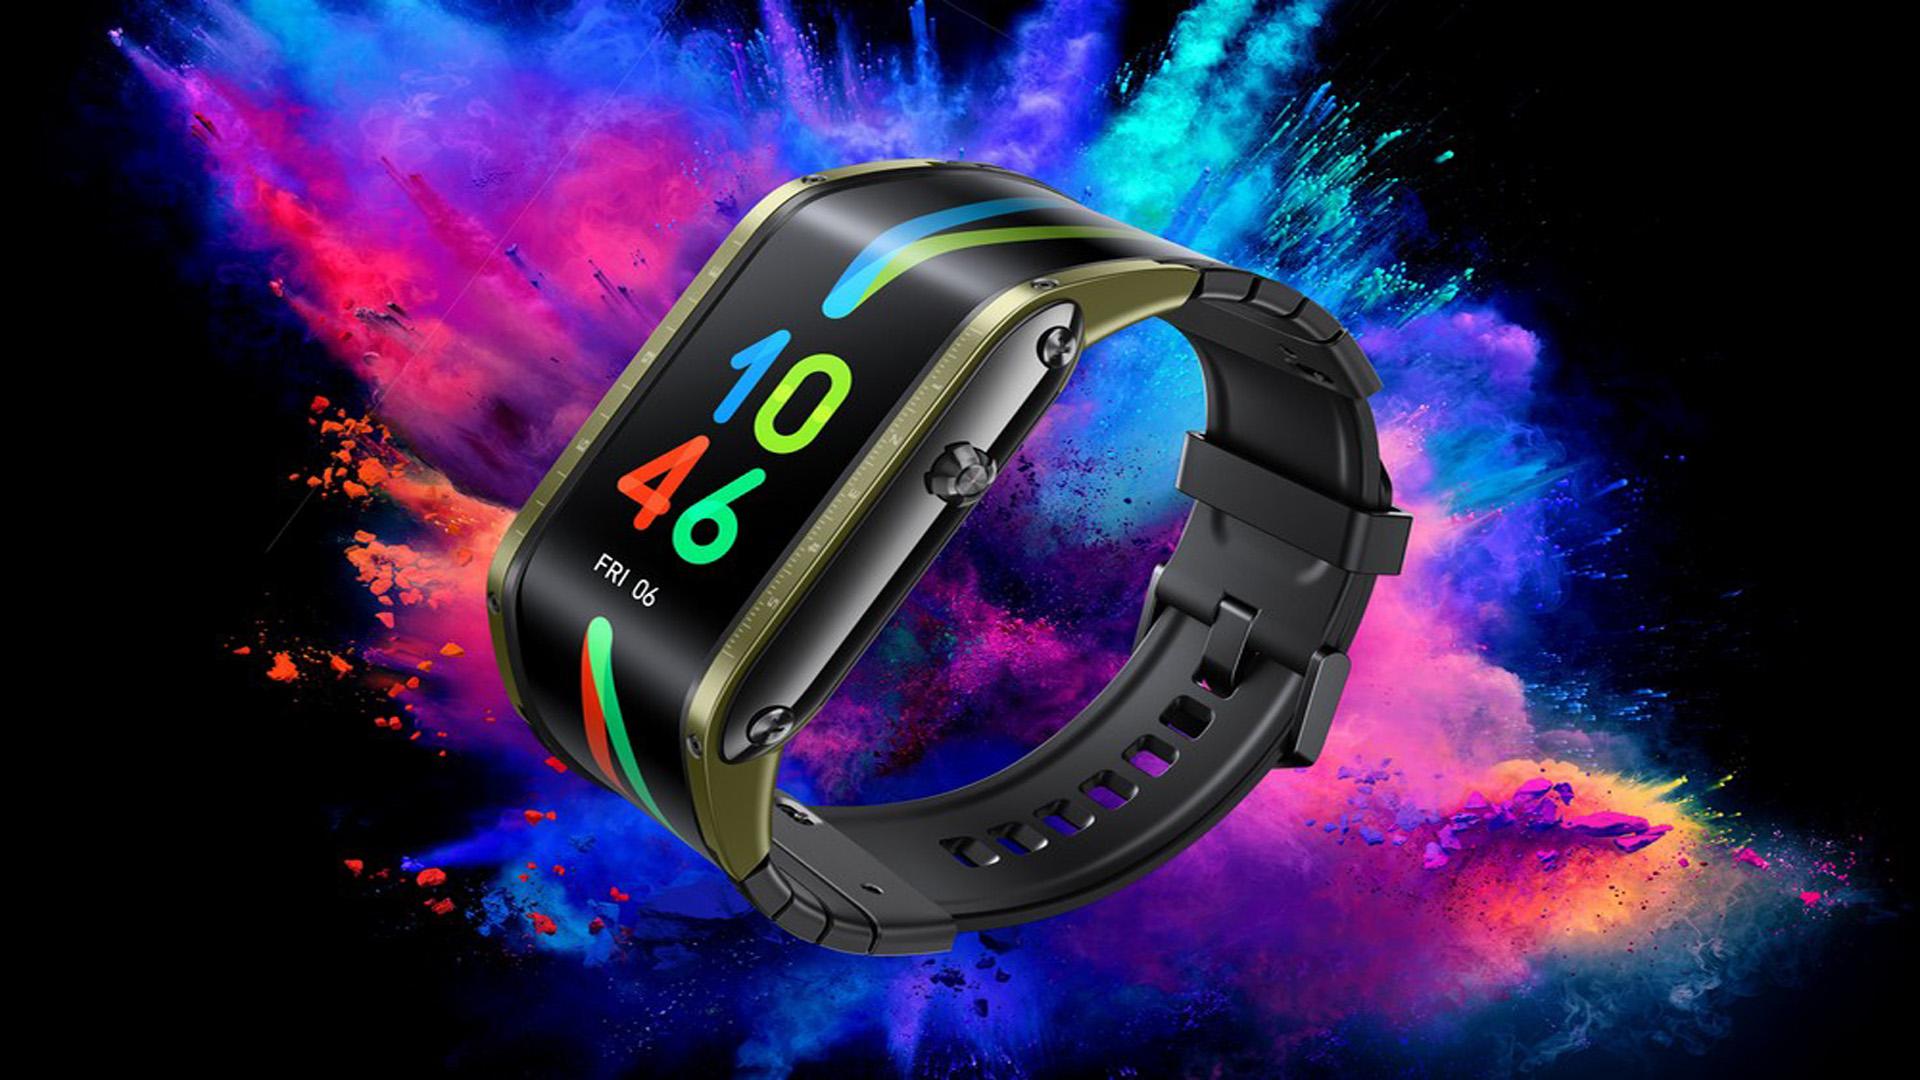 أكتوبر المقبل موعد طرح الساعة الذكية Nubia Watch في أسوق العالم بسعر مغري